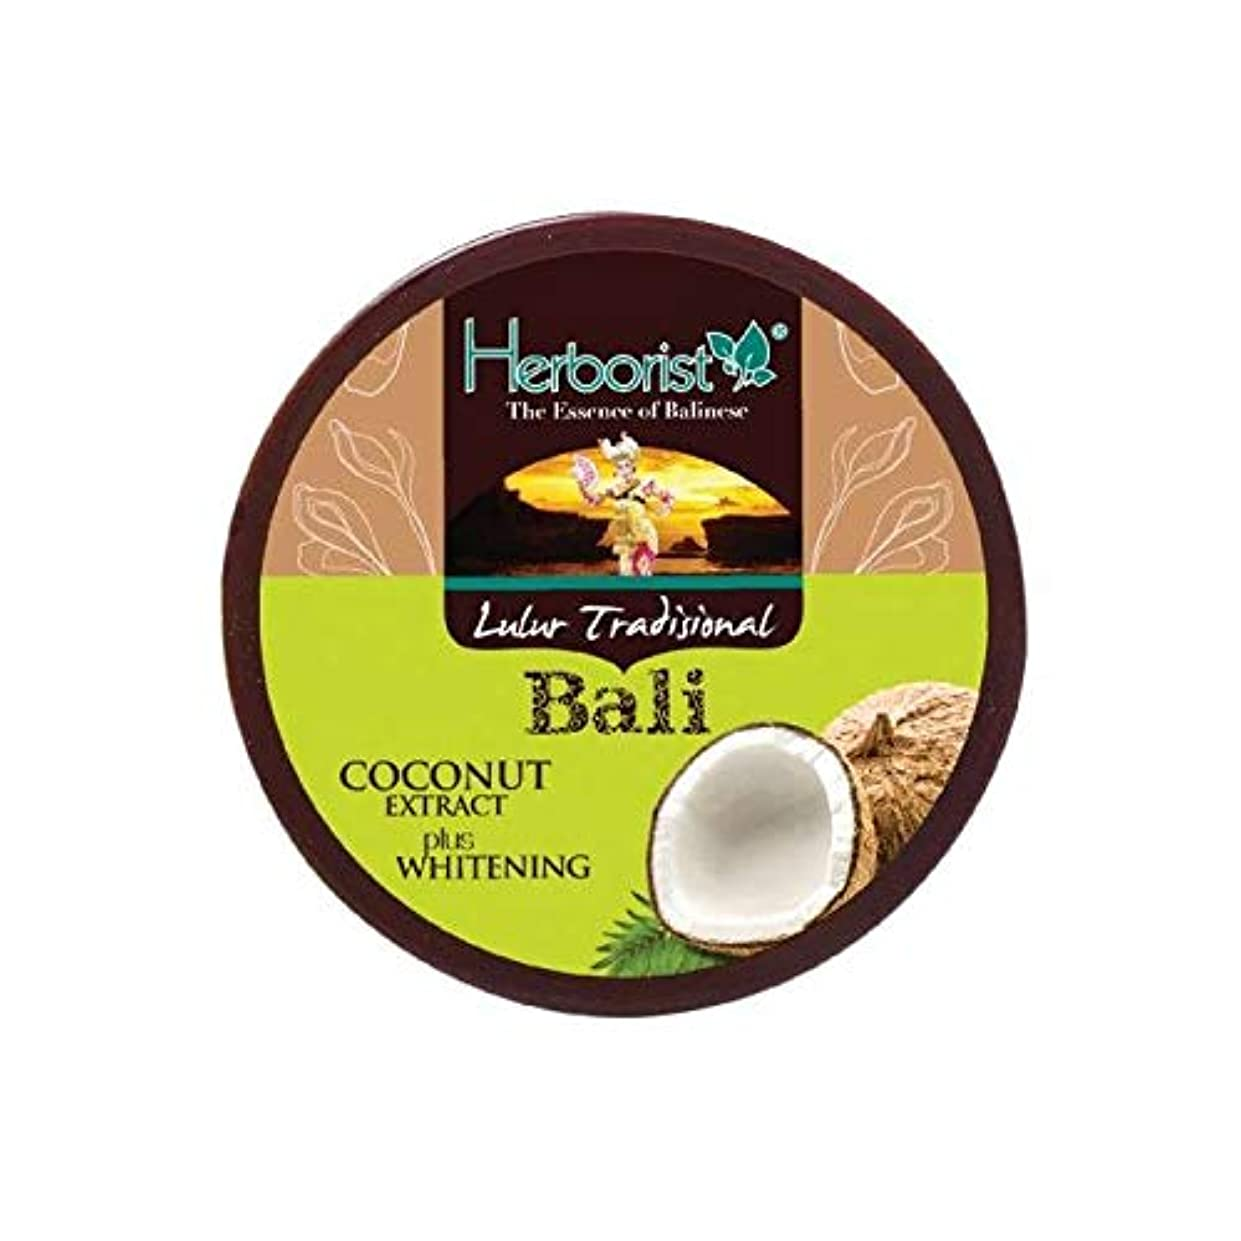 温室警官コミットHerborist ハーボリスト インドネシアバリ島の伝統的なボディスクラブ Lulur Tradisional Bali ルルールトラディショナルバリ 100g Coconut ココナッツ [海外直送品]